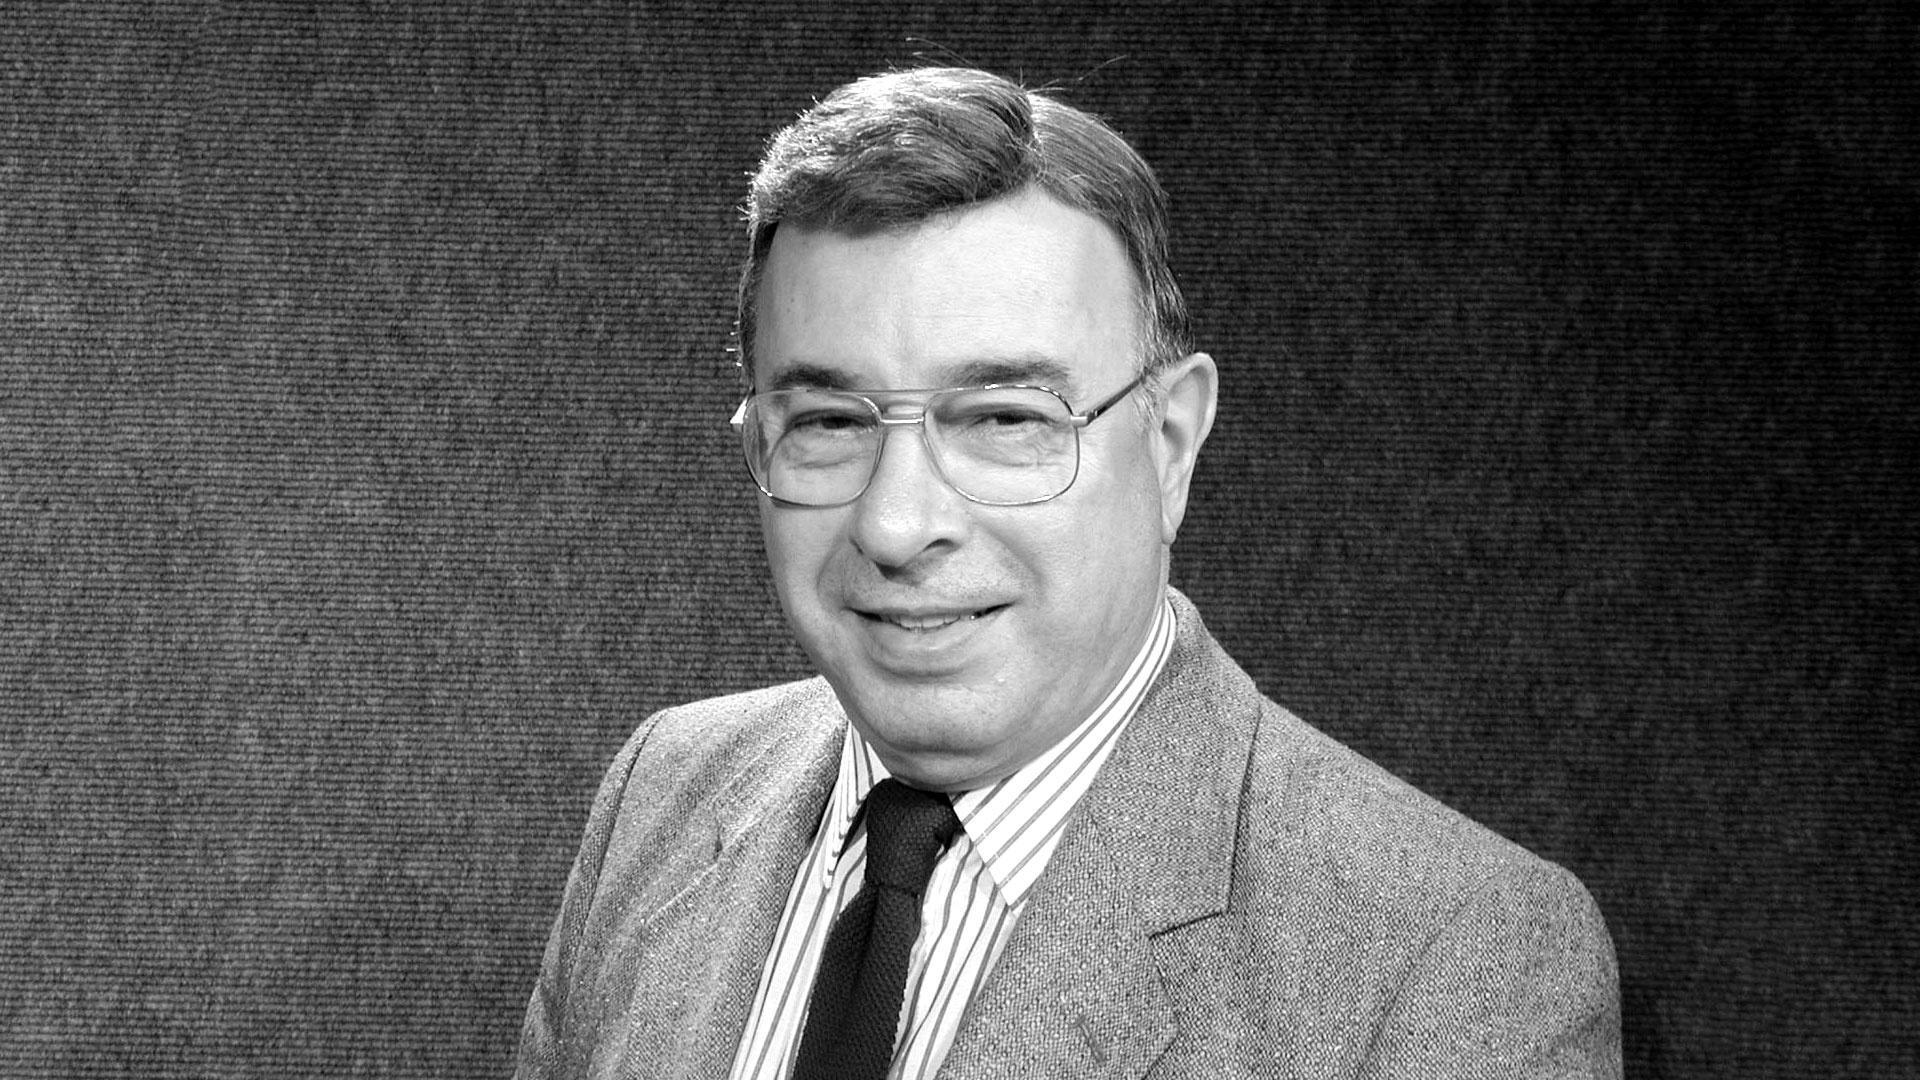 Bruce Turner, Former Station Manager, Dies at 82